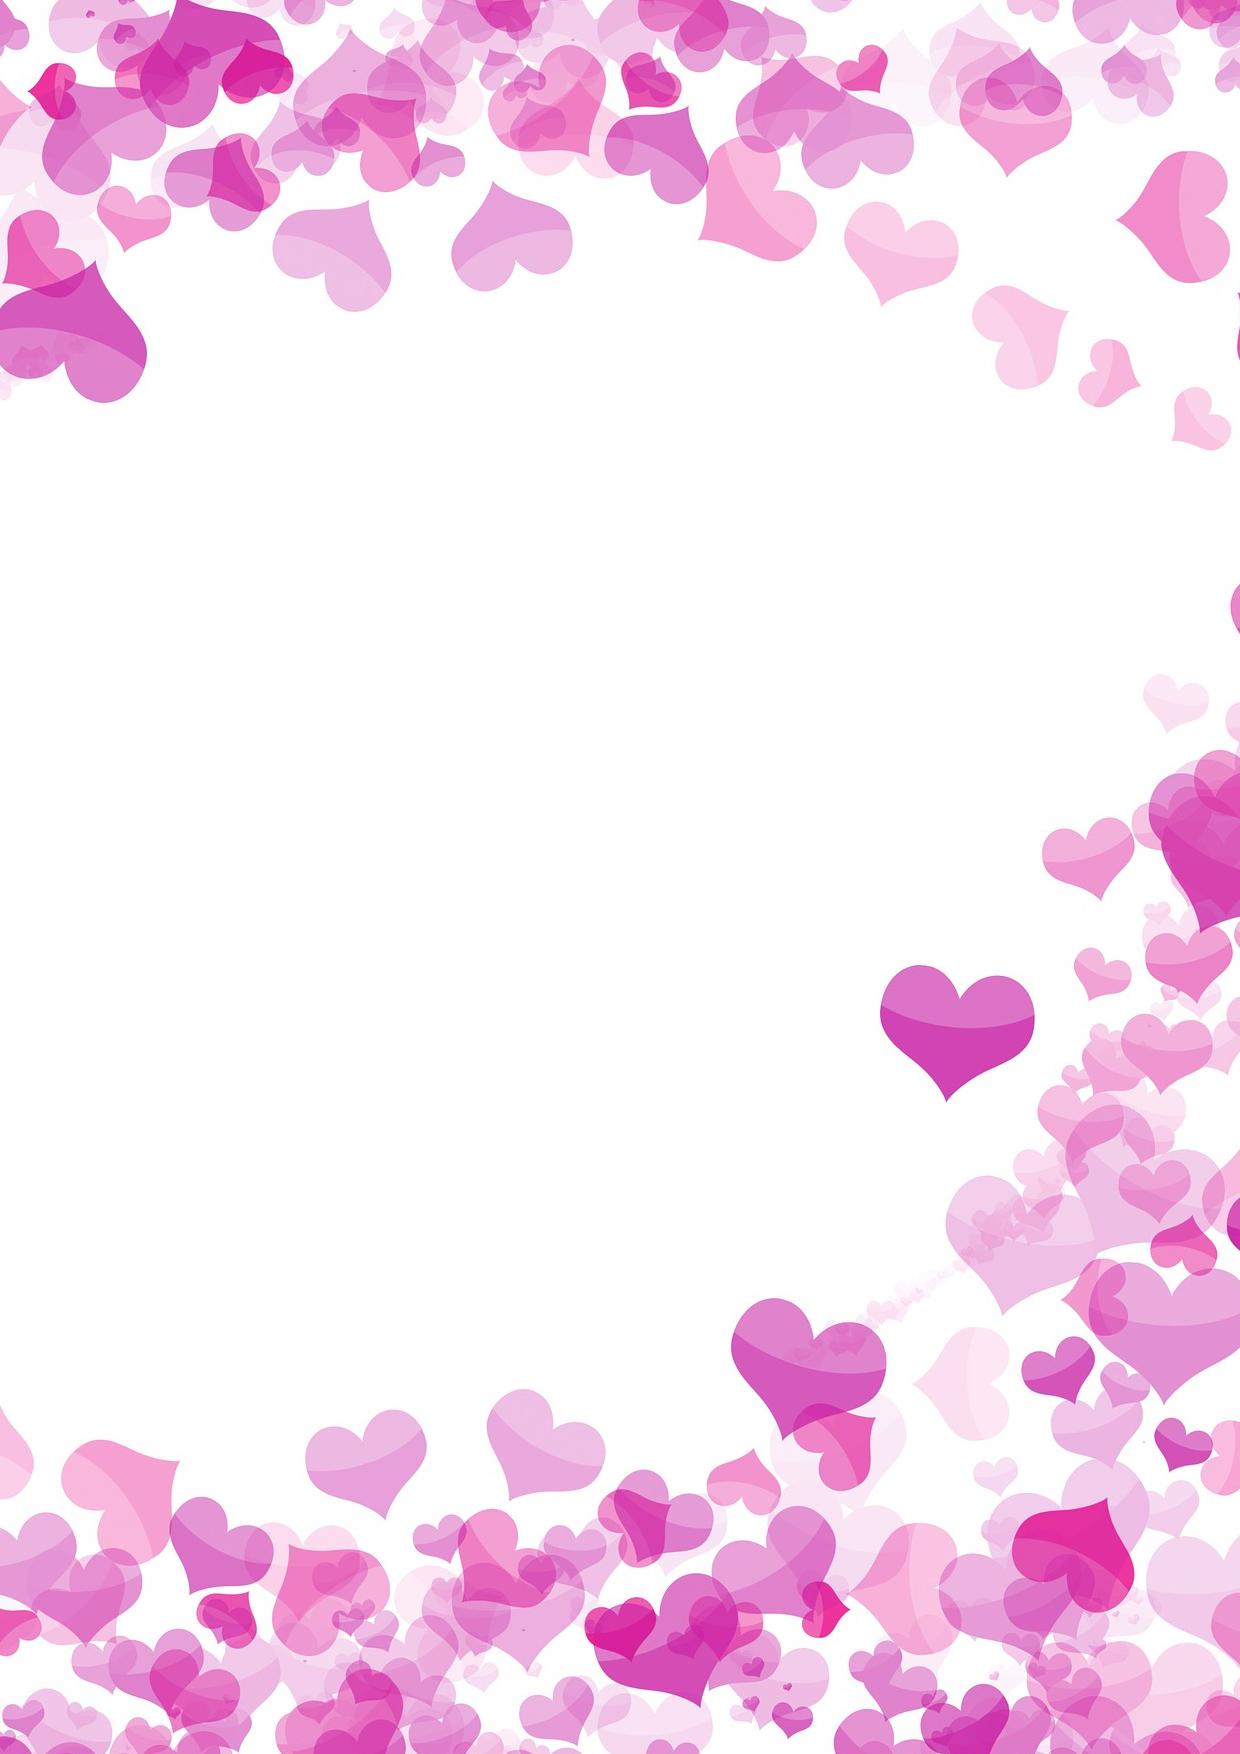 """Kostenloses Briefpapier """"valentinstag"""" - Vorlagen Zum Selbst ganzes Briefpapier Drucken Kostenlos Ausdrucken"""